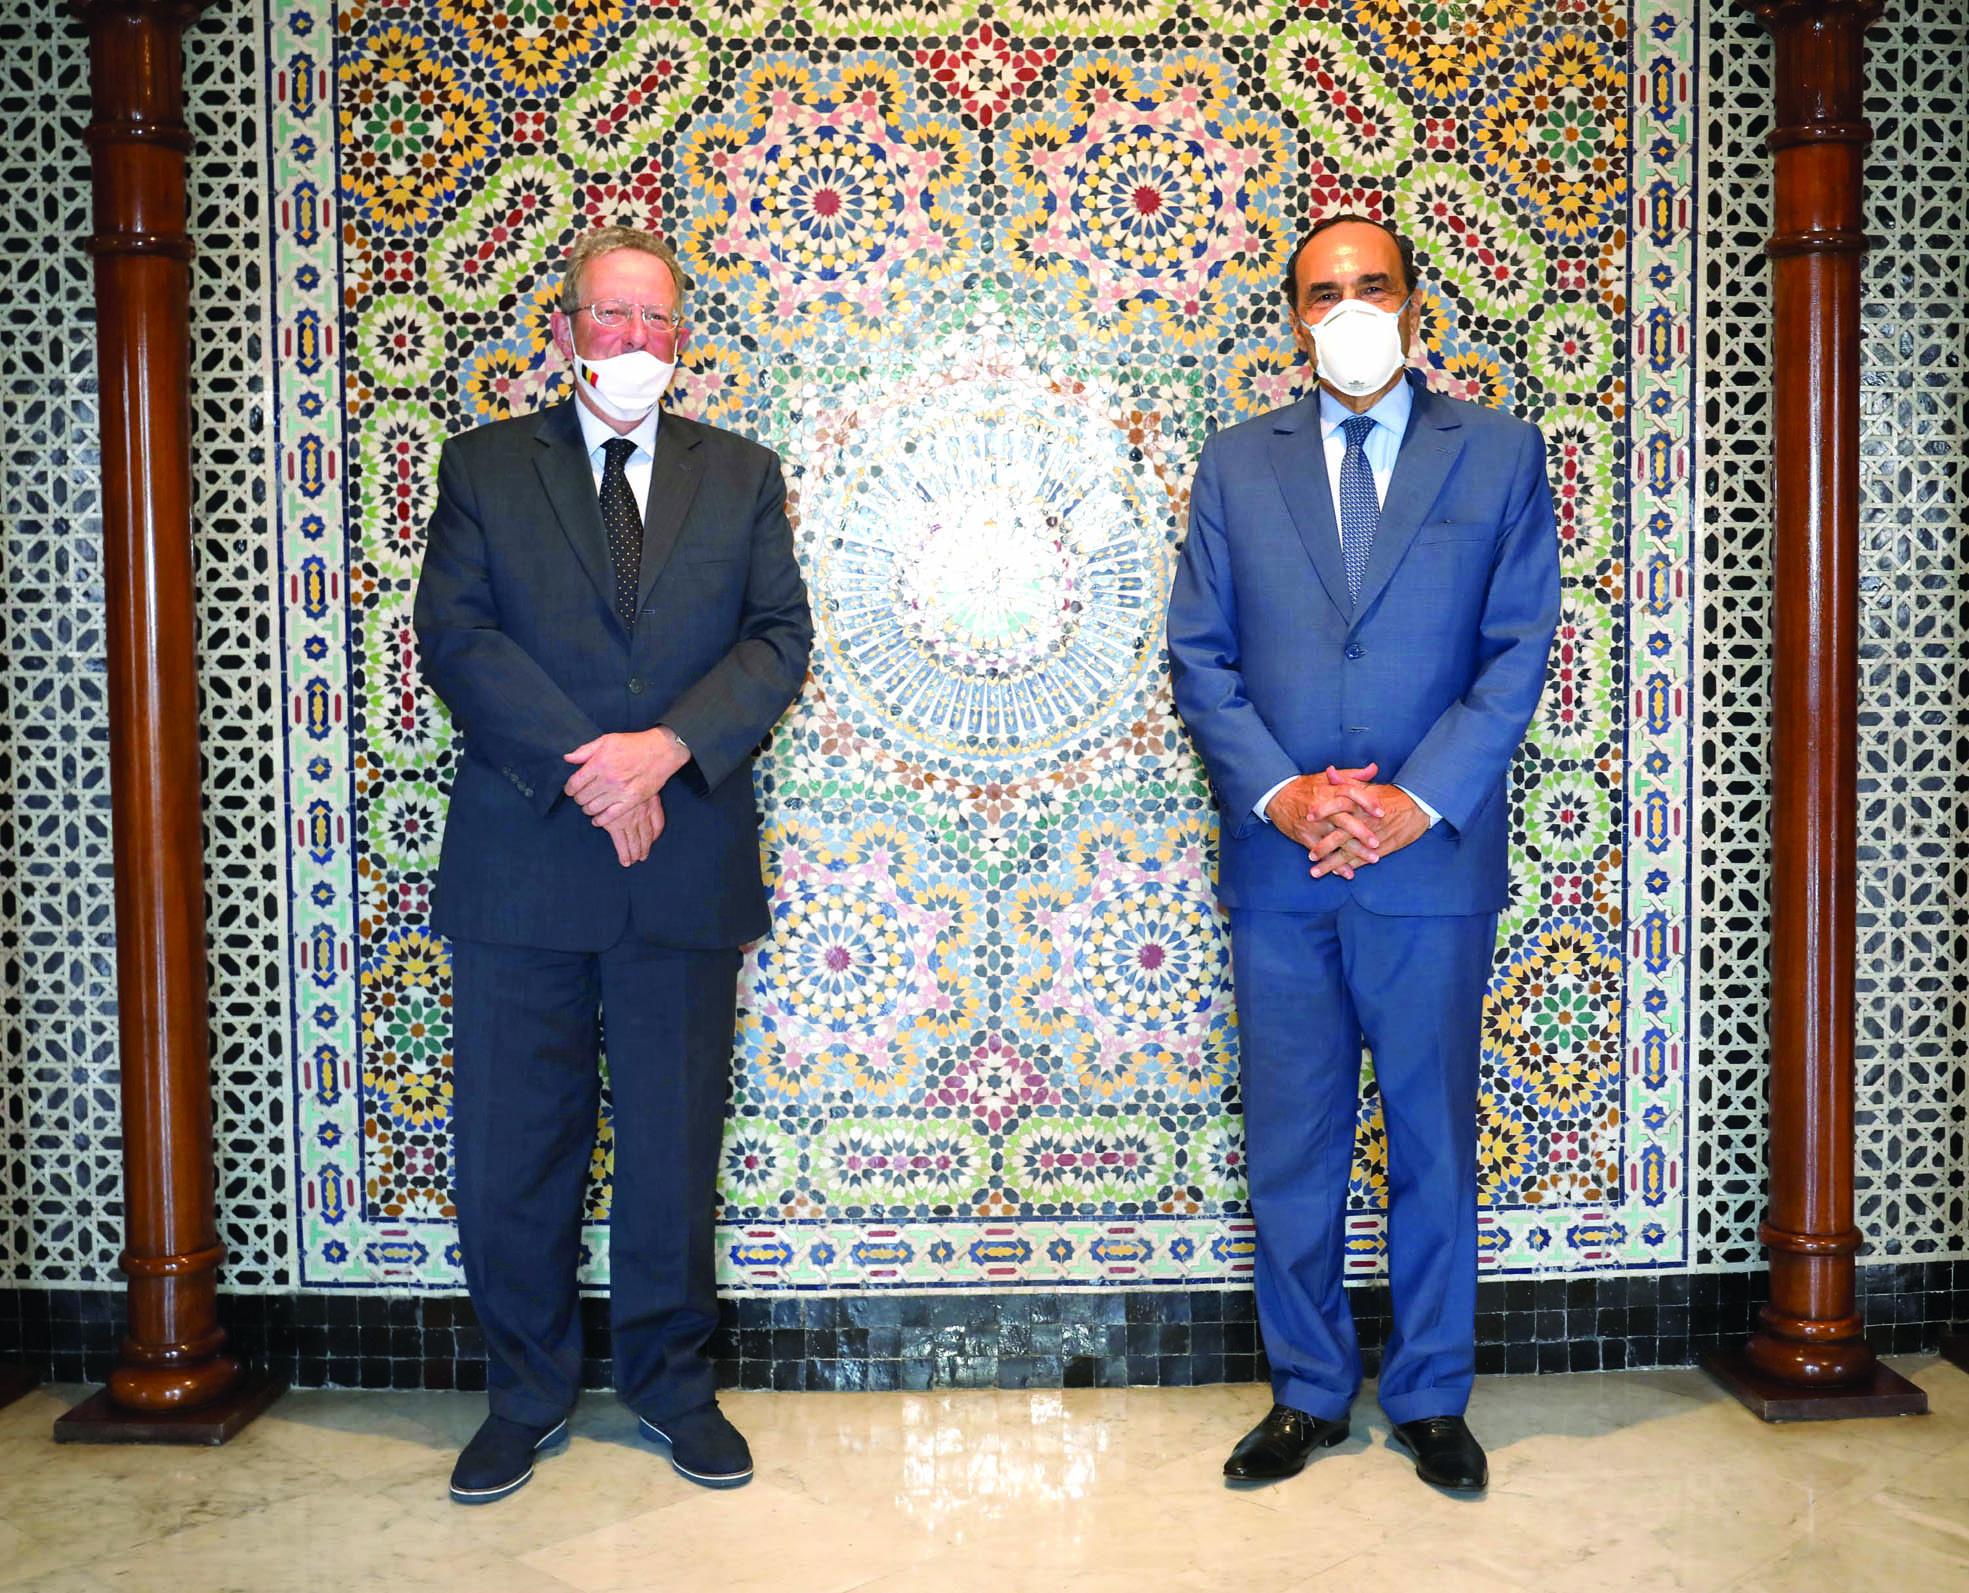 L'ambassadeur de Belgique salue les mesures proactives prises par le Maroc pour endiguer le coronavirus